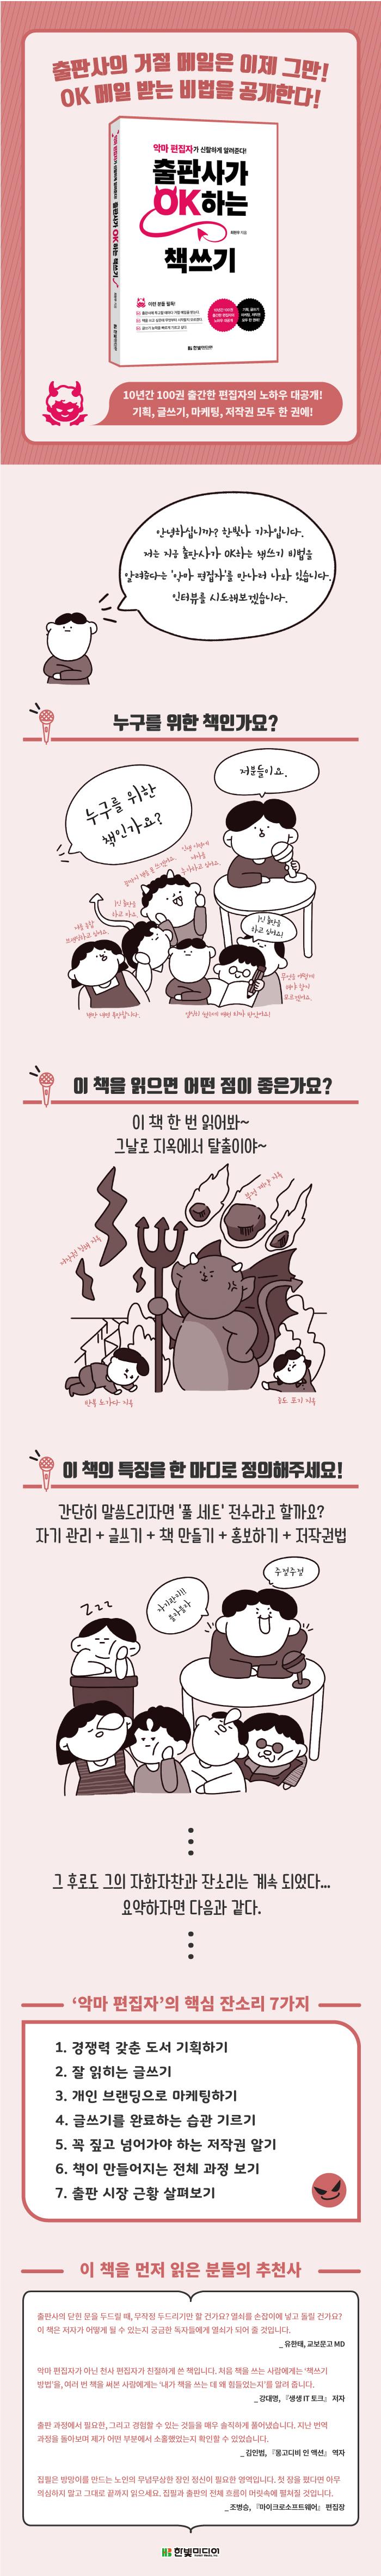 (한빛미디어) 출판사가 OK하는 책쓰기_상세이미지(700px).jpg